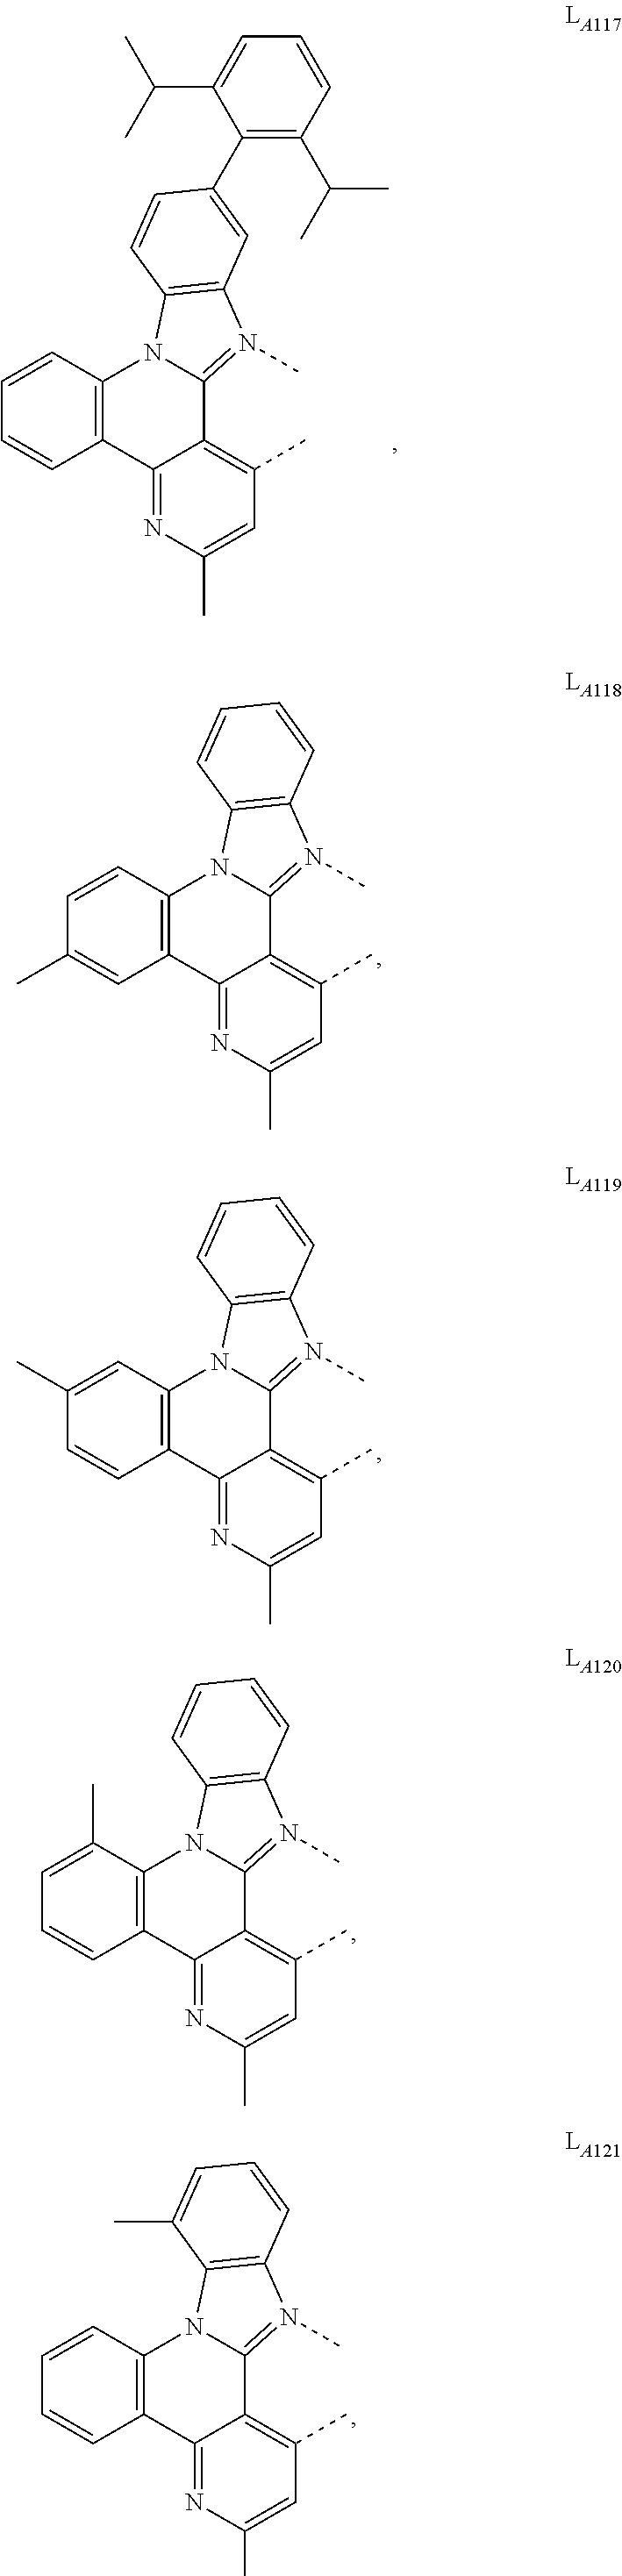 Figure US09905785-20180227-C00450